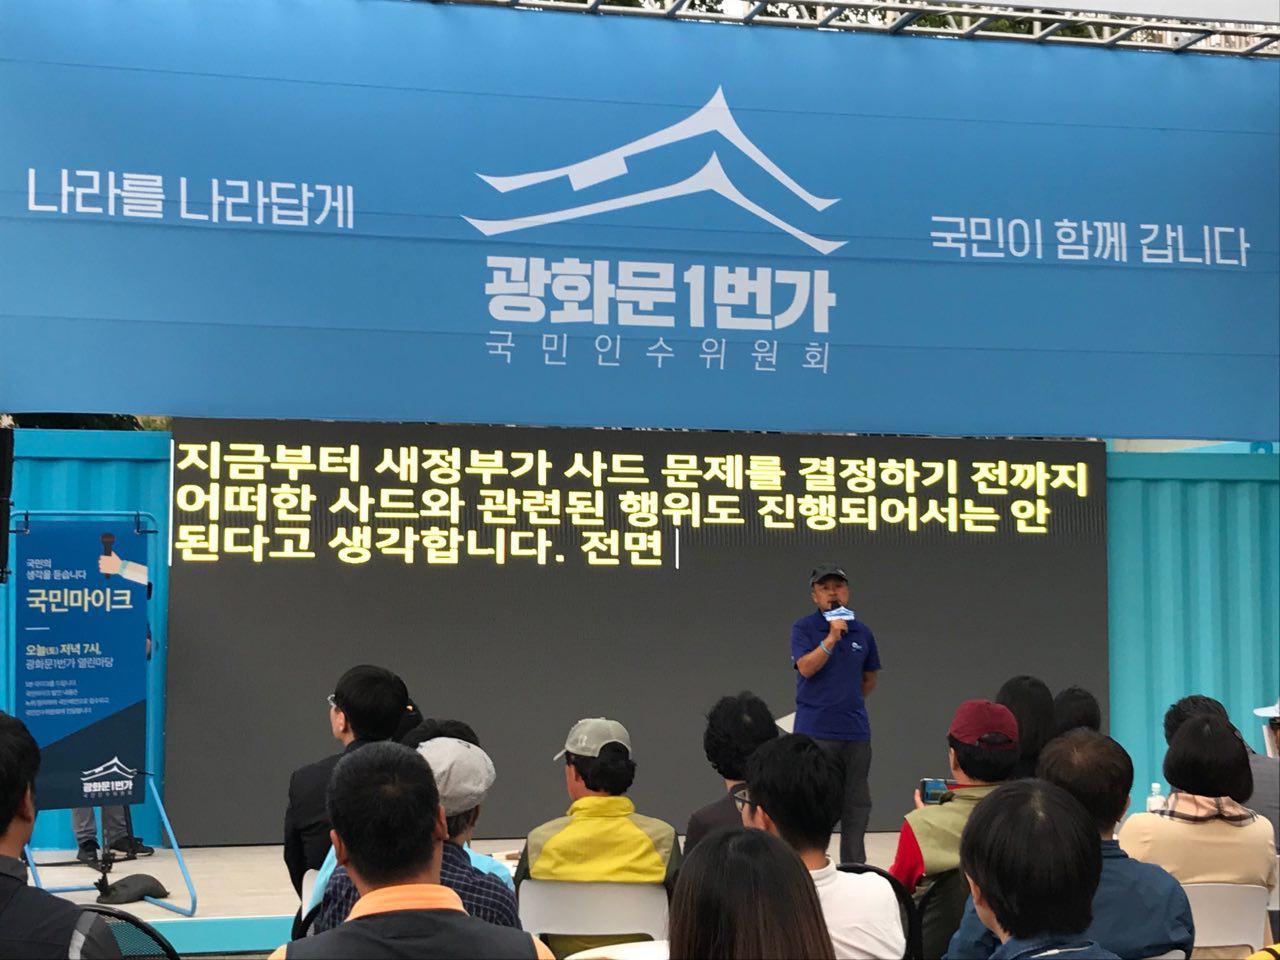 광화문 1번가 국민마이크에서 사드 배치에 대해 정책 제안 발언을 하고 있는 김천 주민